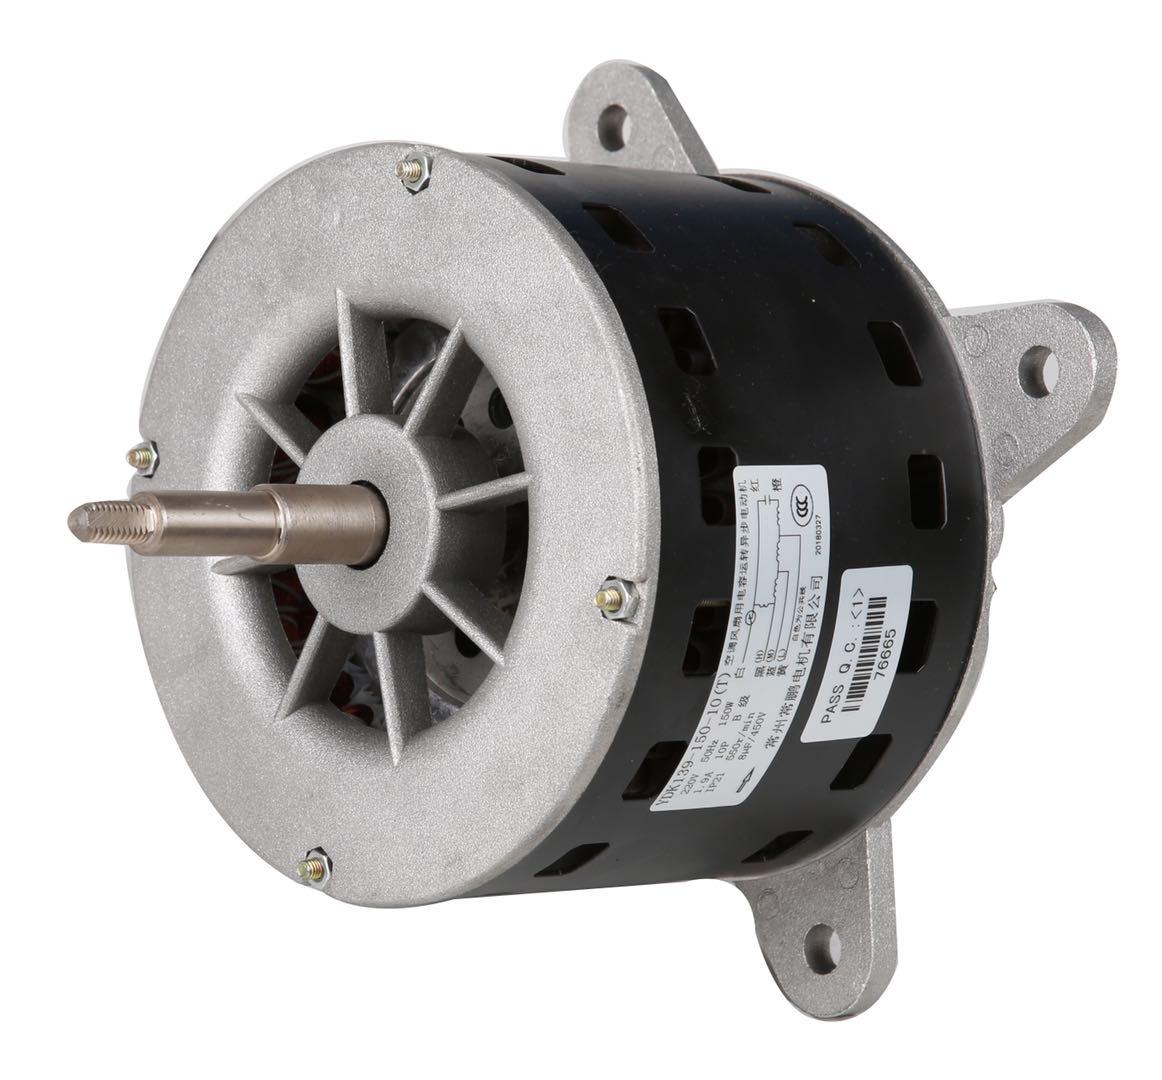 常州常鹏电机 水空调电机YDK139-100-10